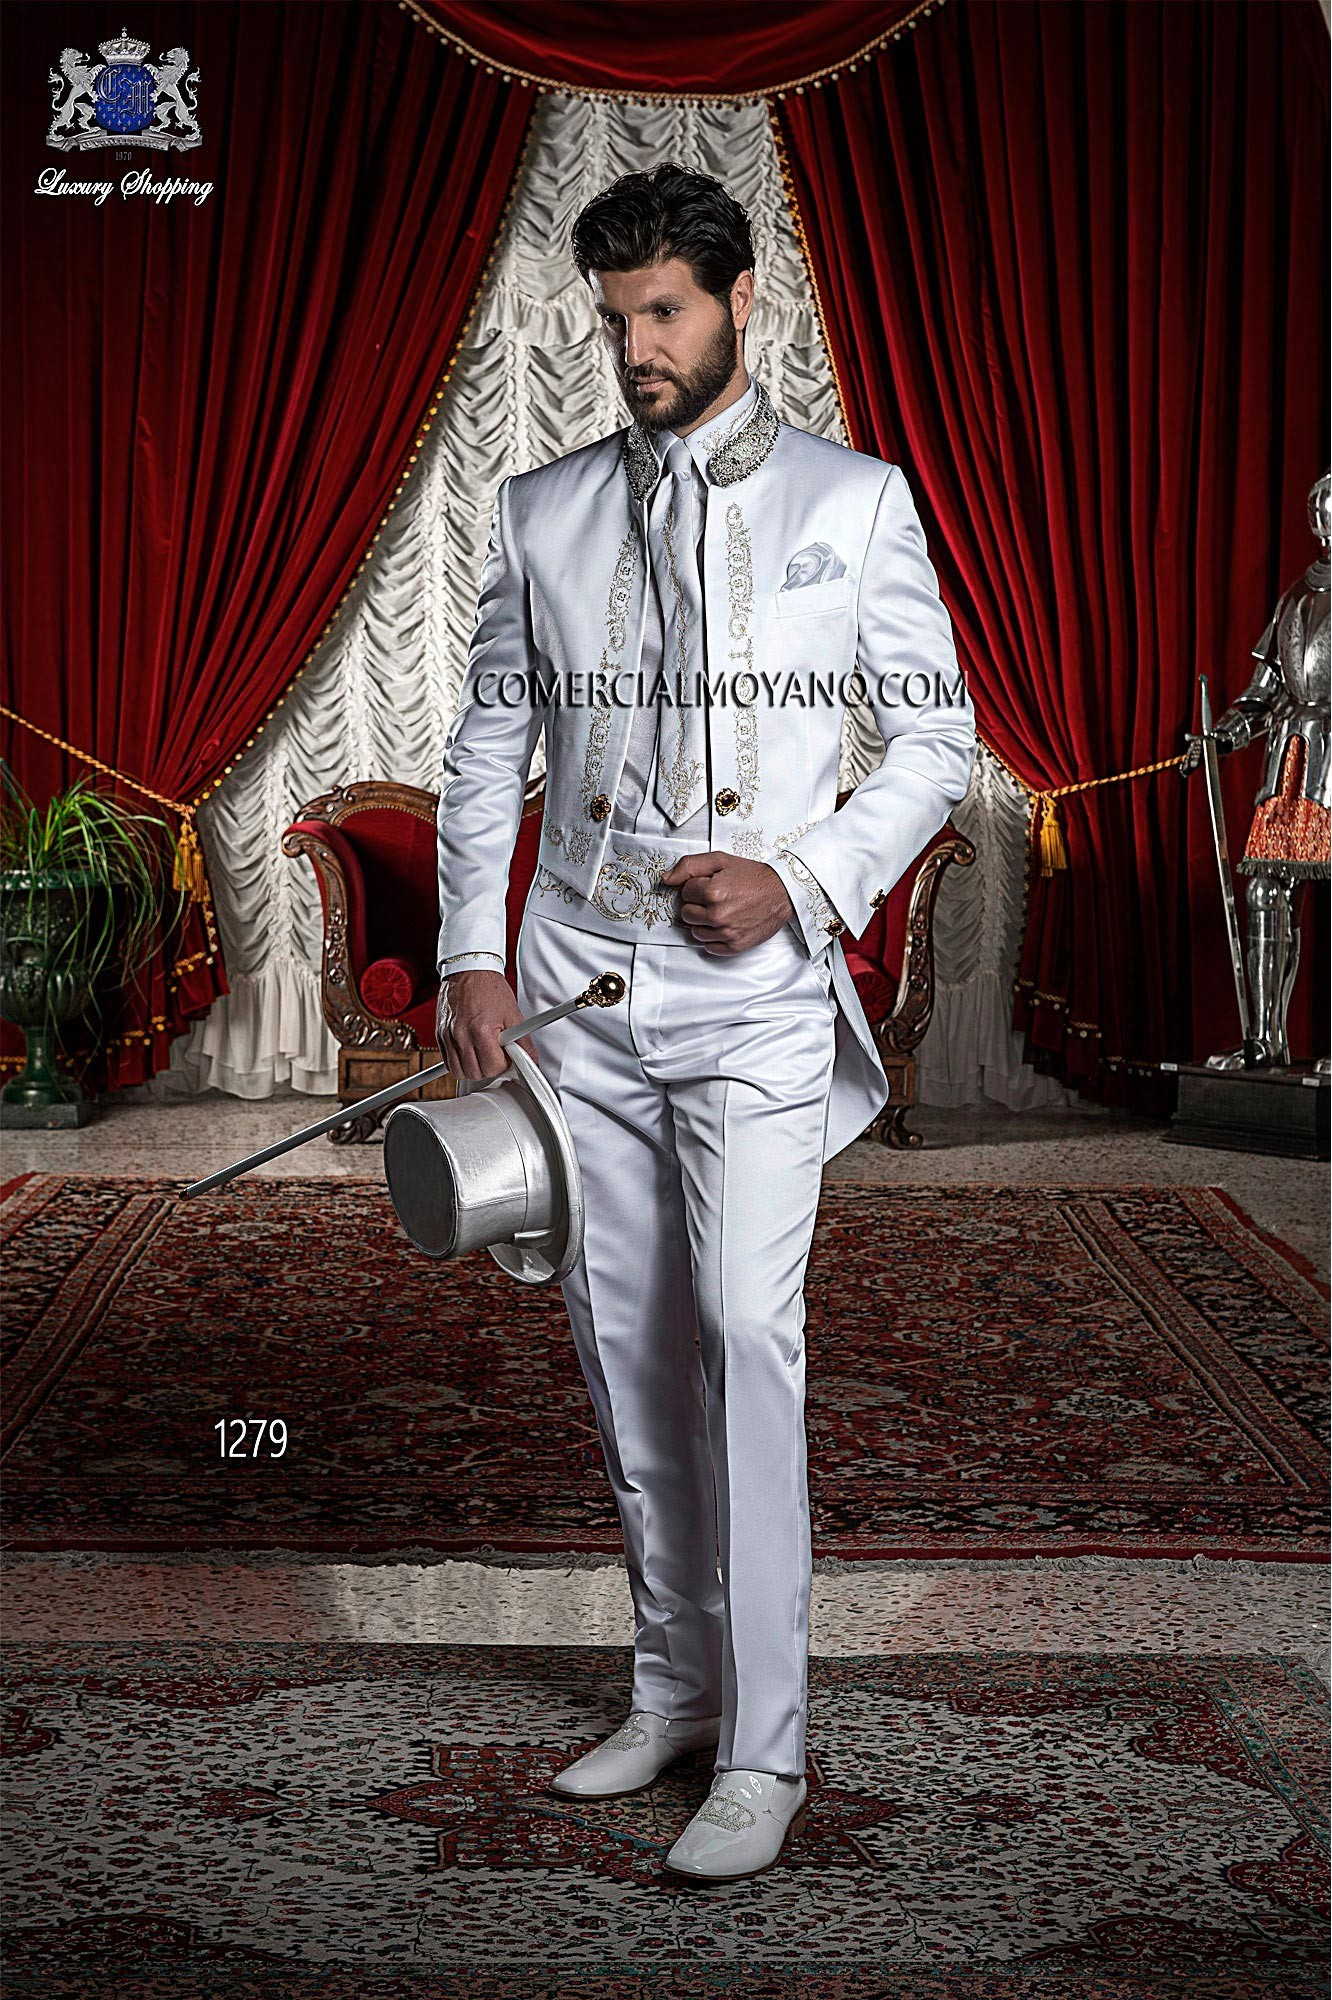 Italienisch maßgeschneiderte weißen Hochzeitsanzug Stil 1279 ON Gala.